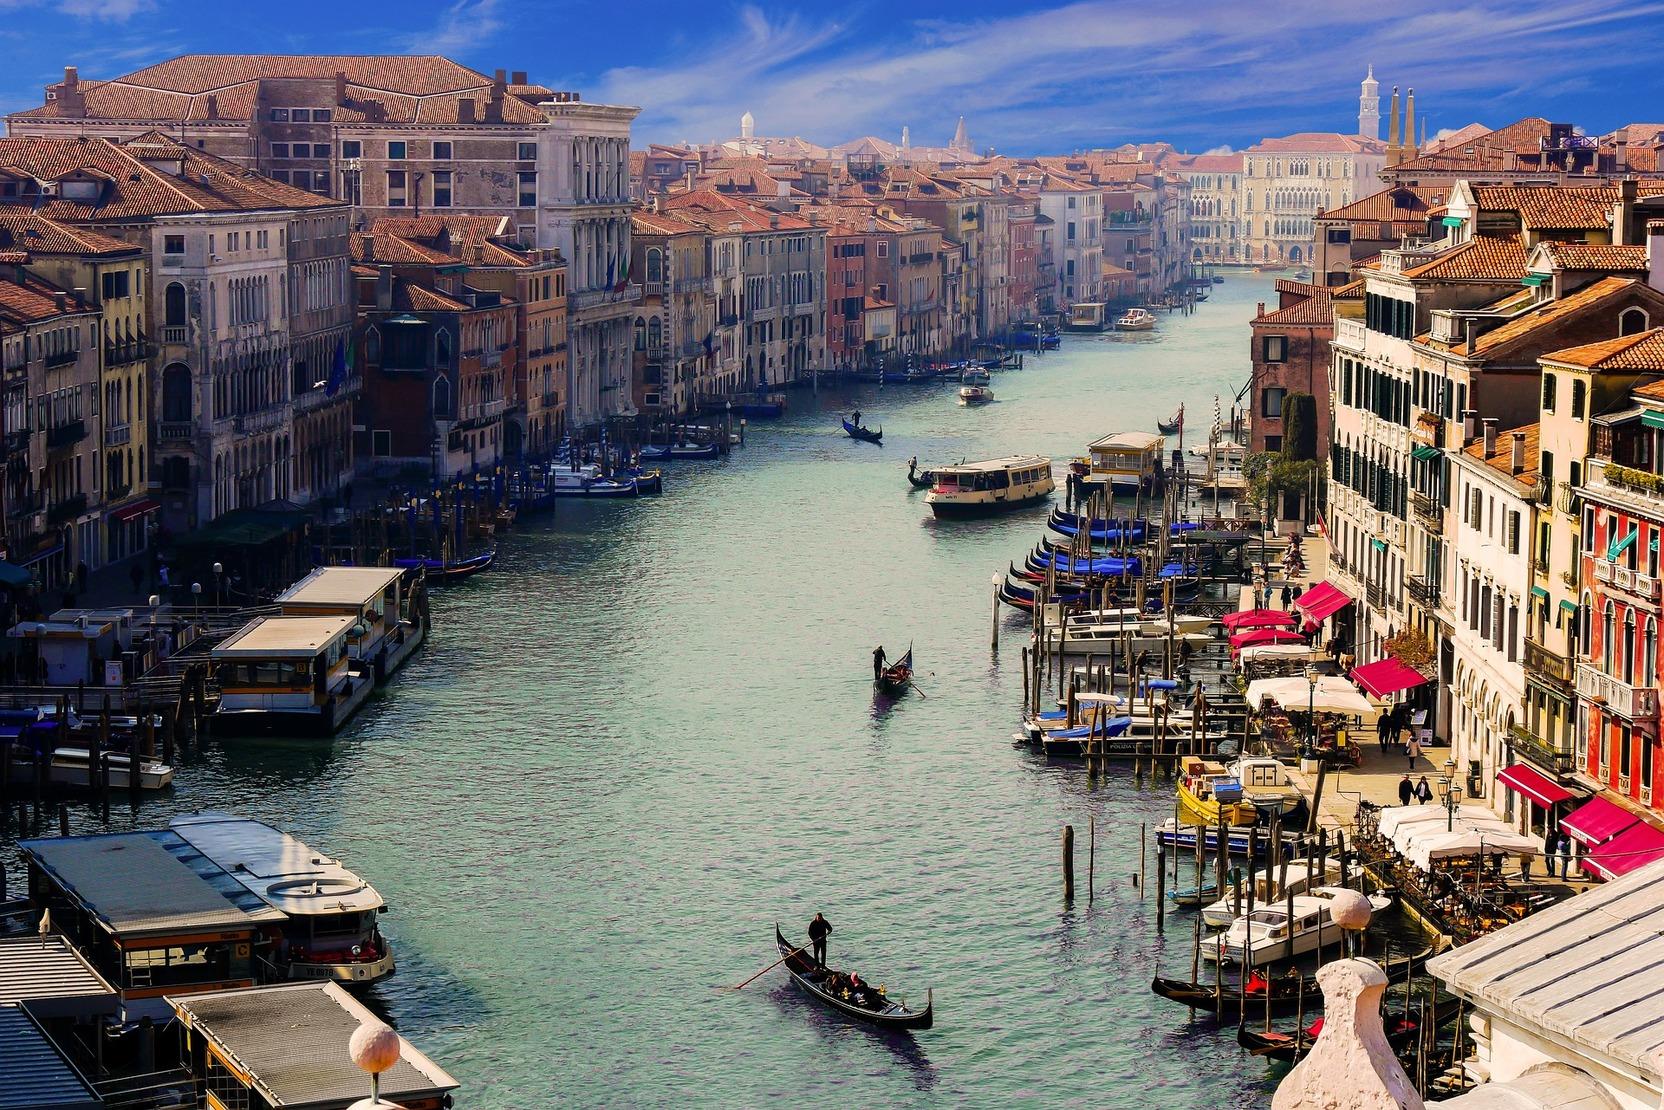 В Неаполе стартовал фестиваль российской культуры Вулкан искусств